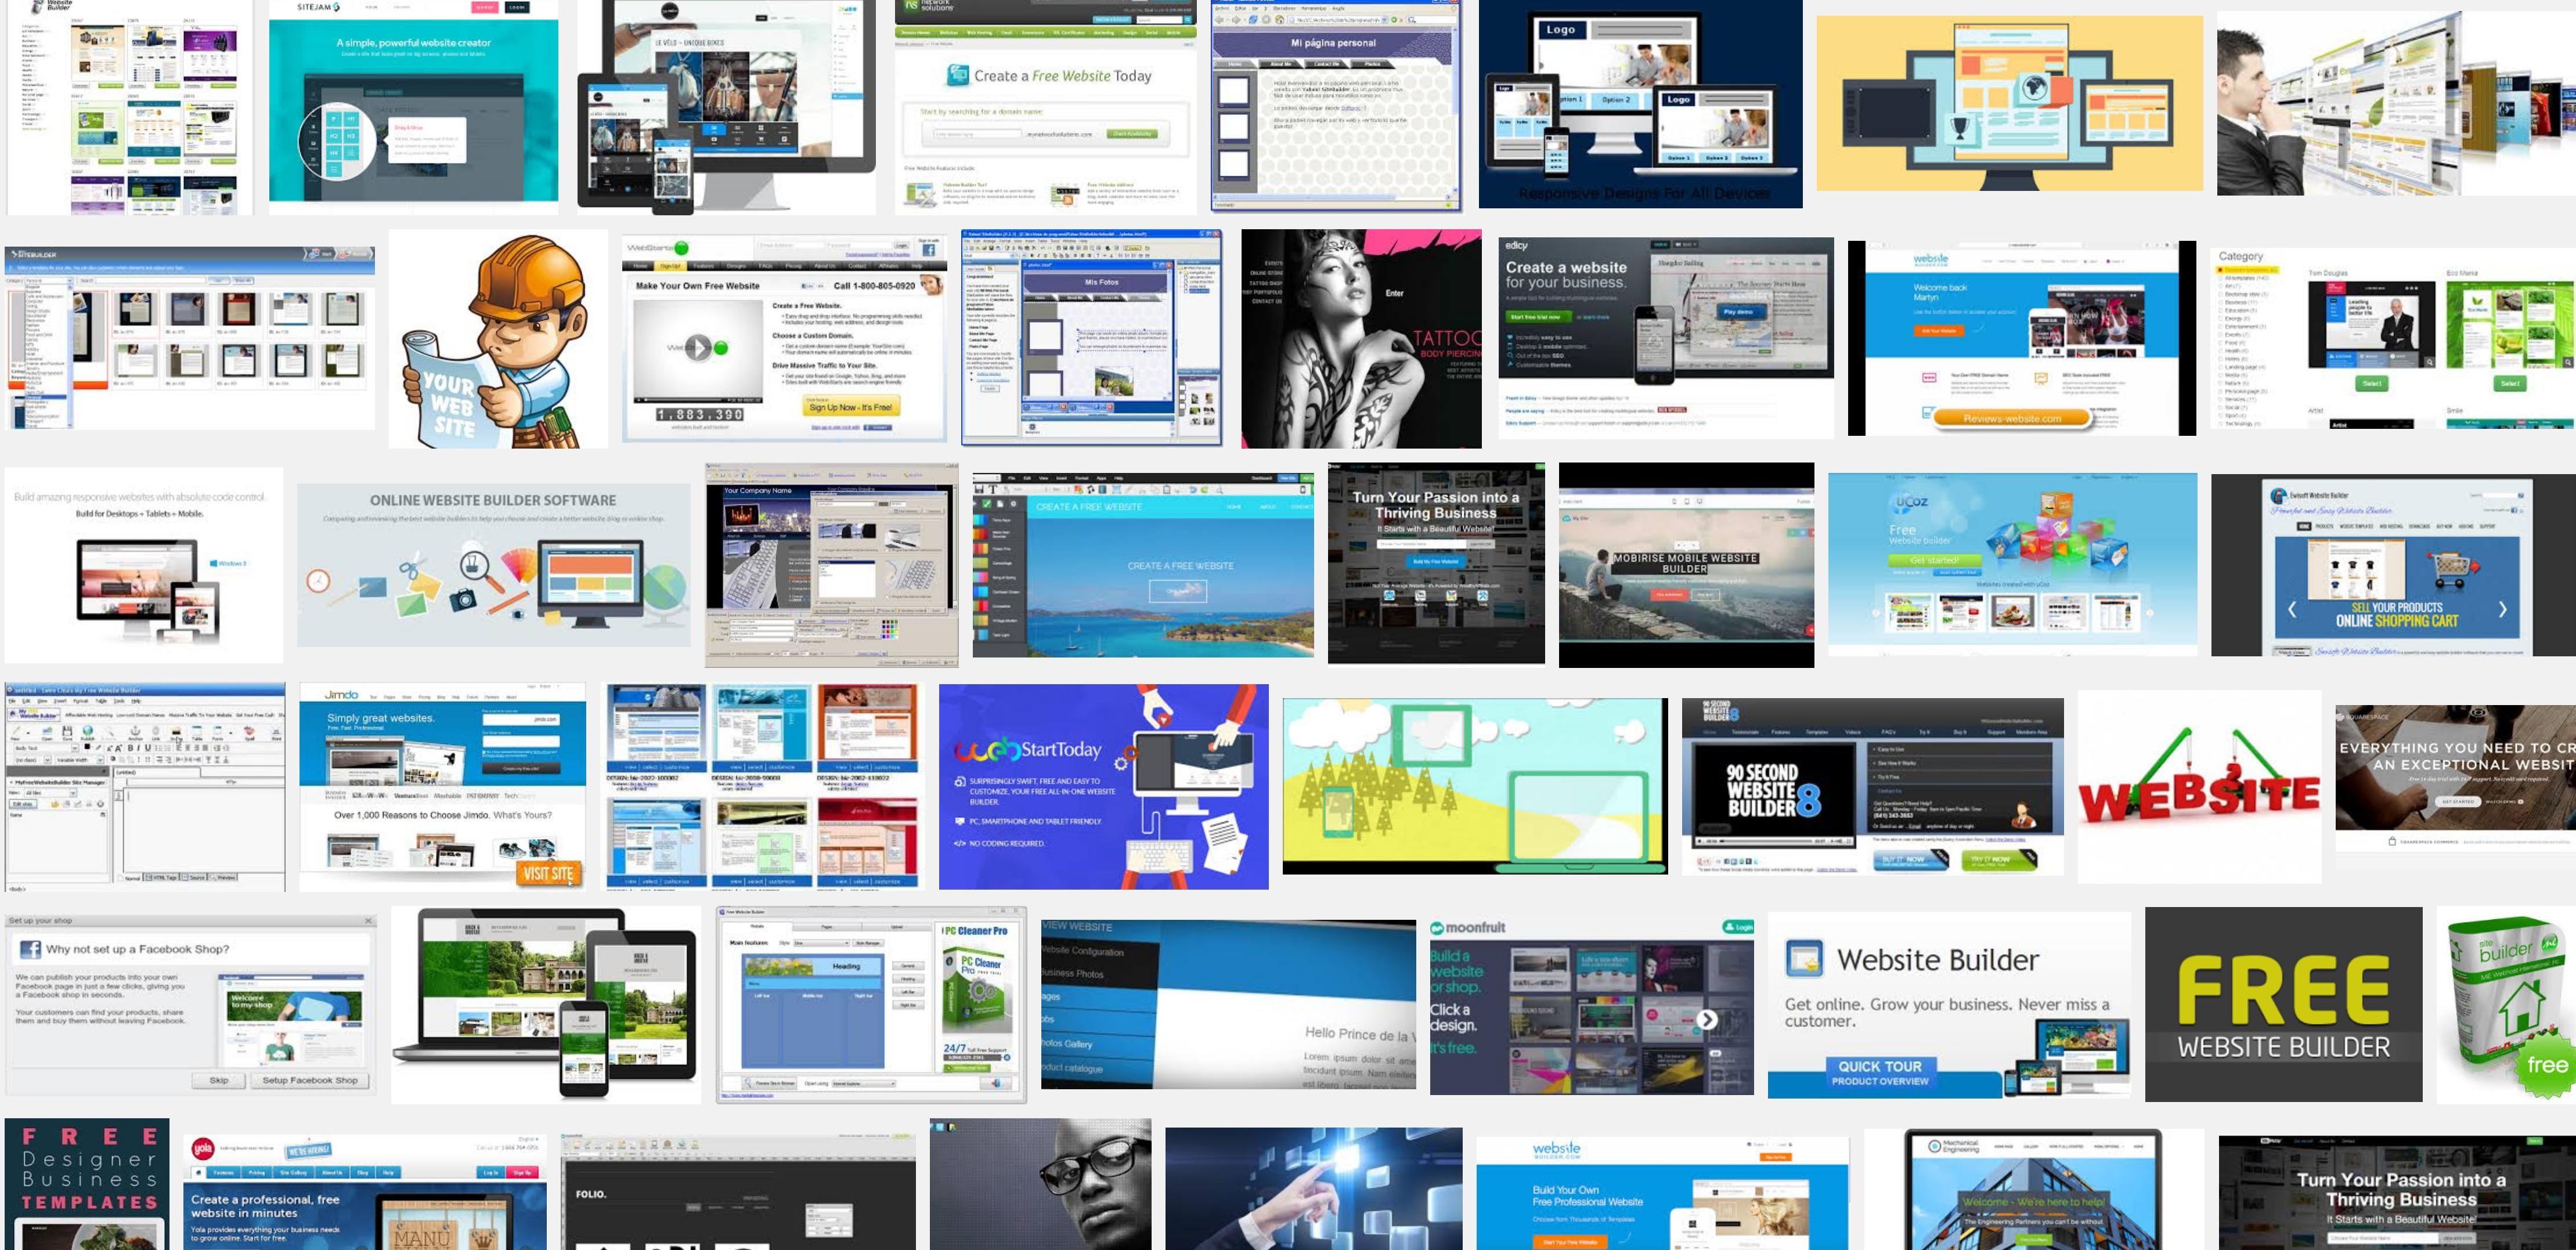 Best Mobile Website Builder Software